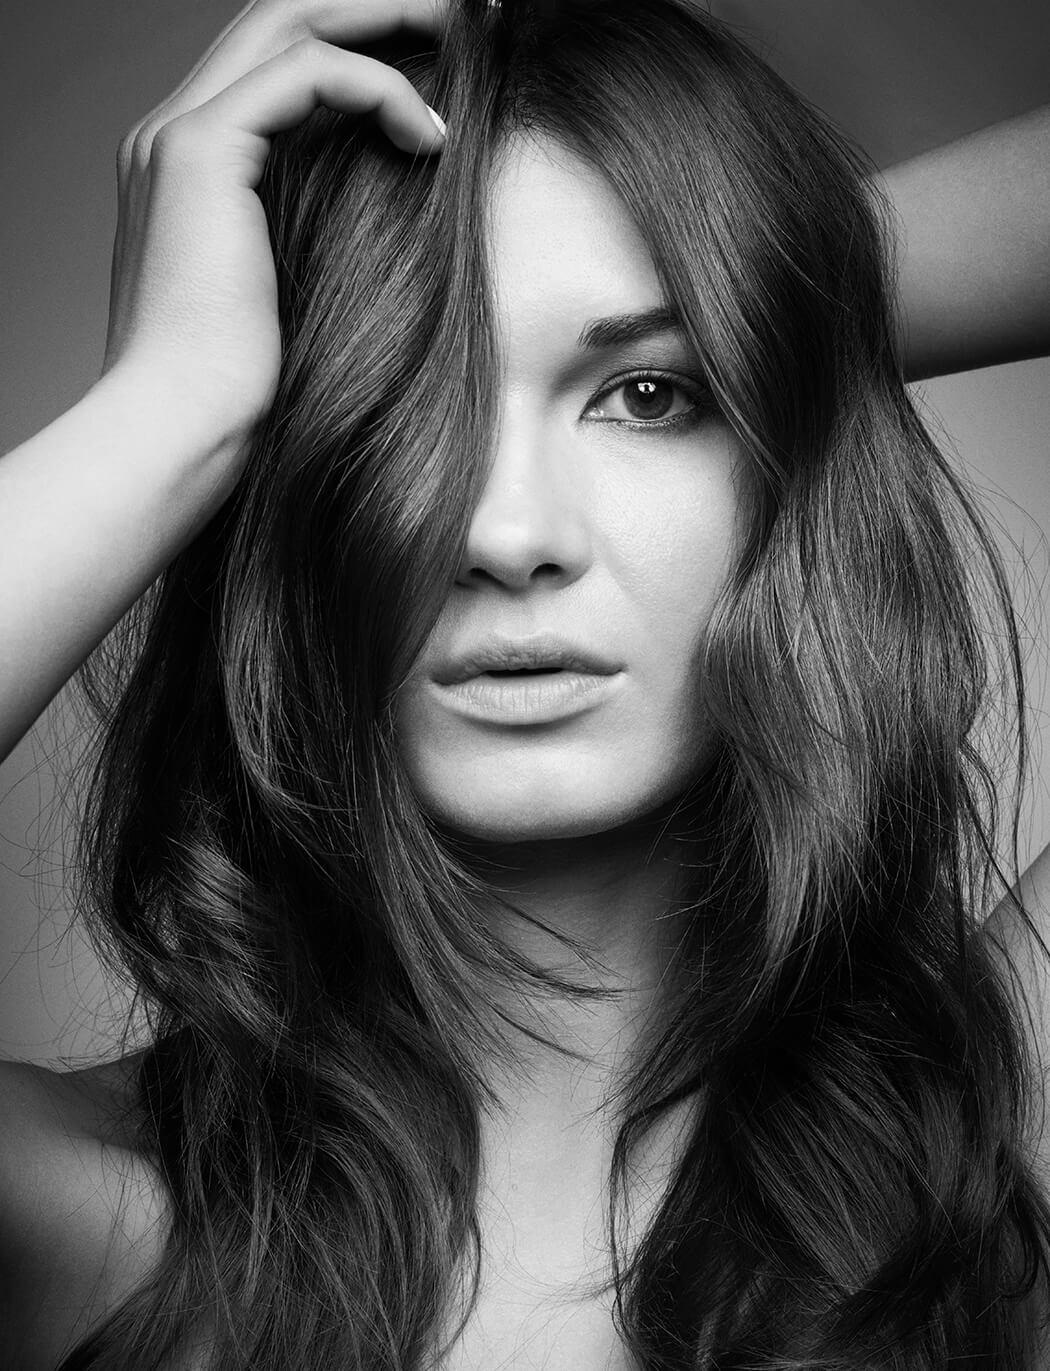 Cuidado del cabello y estilismo muk